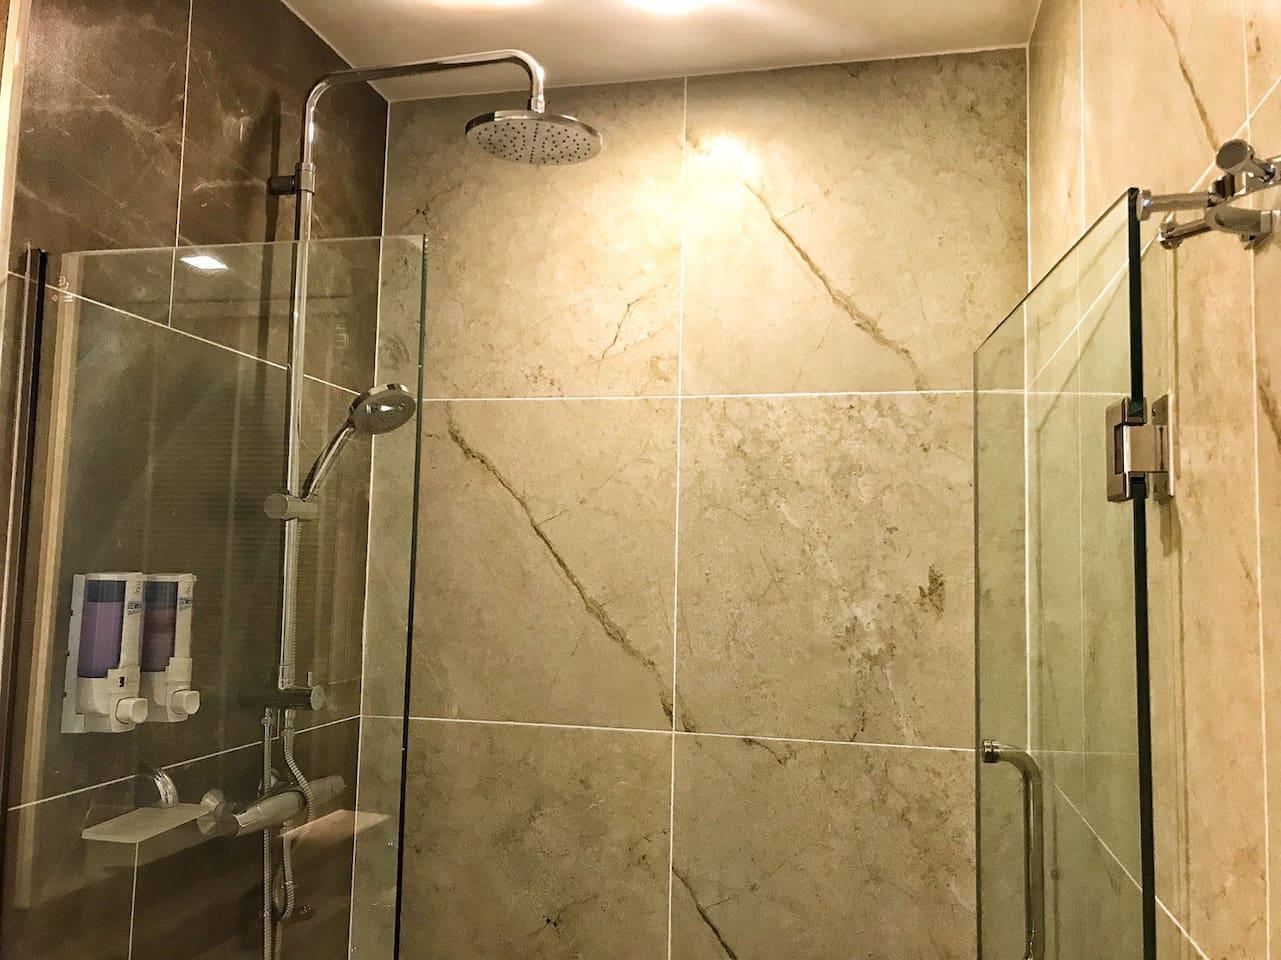 Quiet - Washer - Netflix - Pool บ้านเดี่ยว 1 ห้องนอน 1 ห้องน้ำส่วนตัว ขนาด 35 ตร.ม. – ช้างคลาน